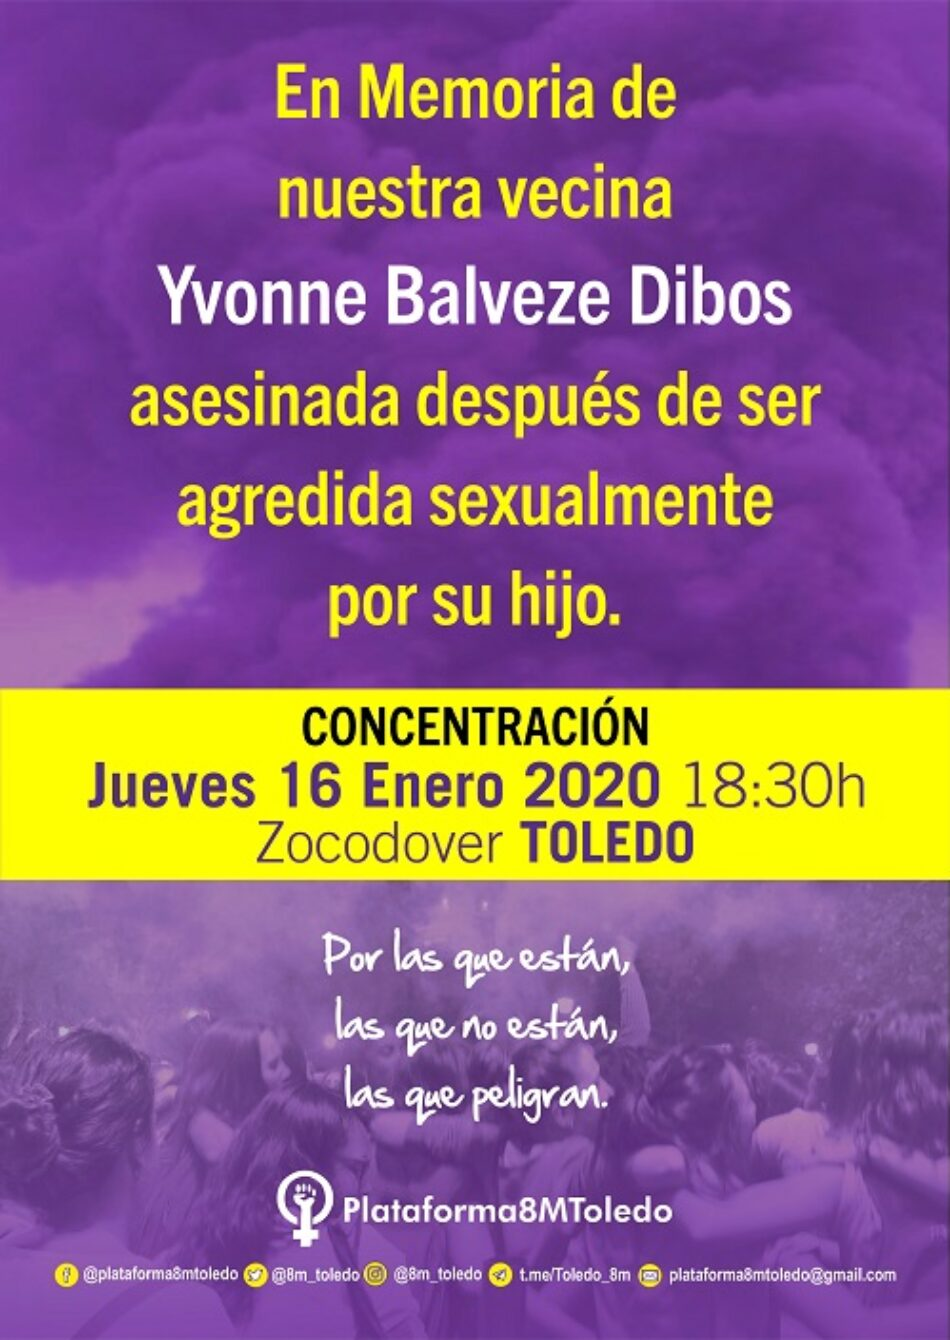 «En Memoria de nuestra vecina Yvonne Baldeze Dibos»: concentración, jueves 16 de enero